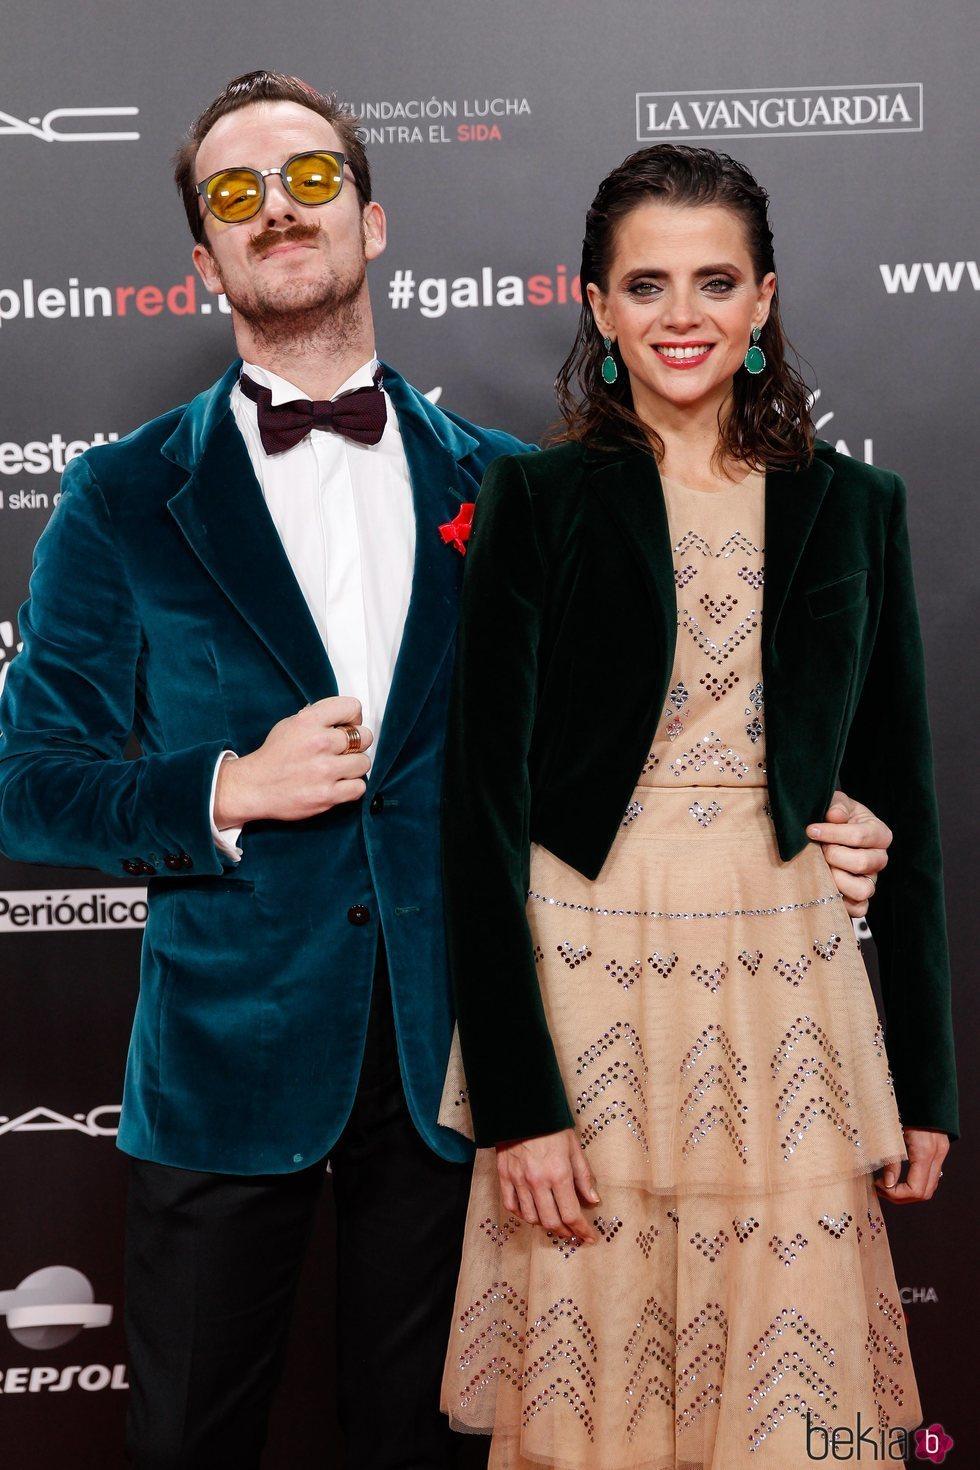 Macarena Gómez y Aldo Comas en la gala People in Red 2019